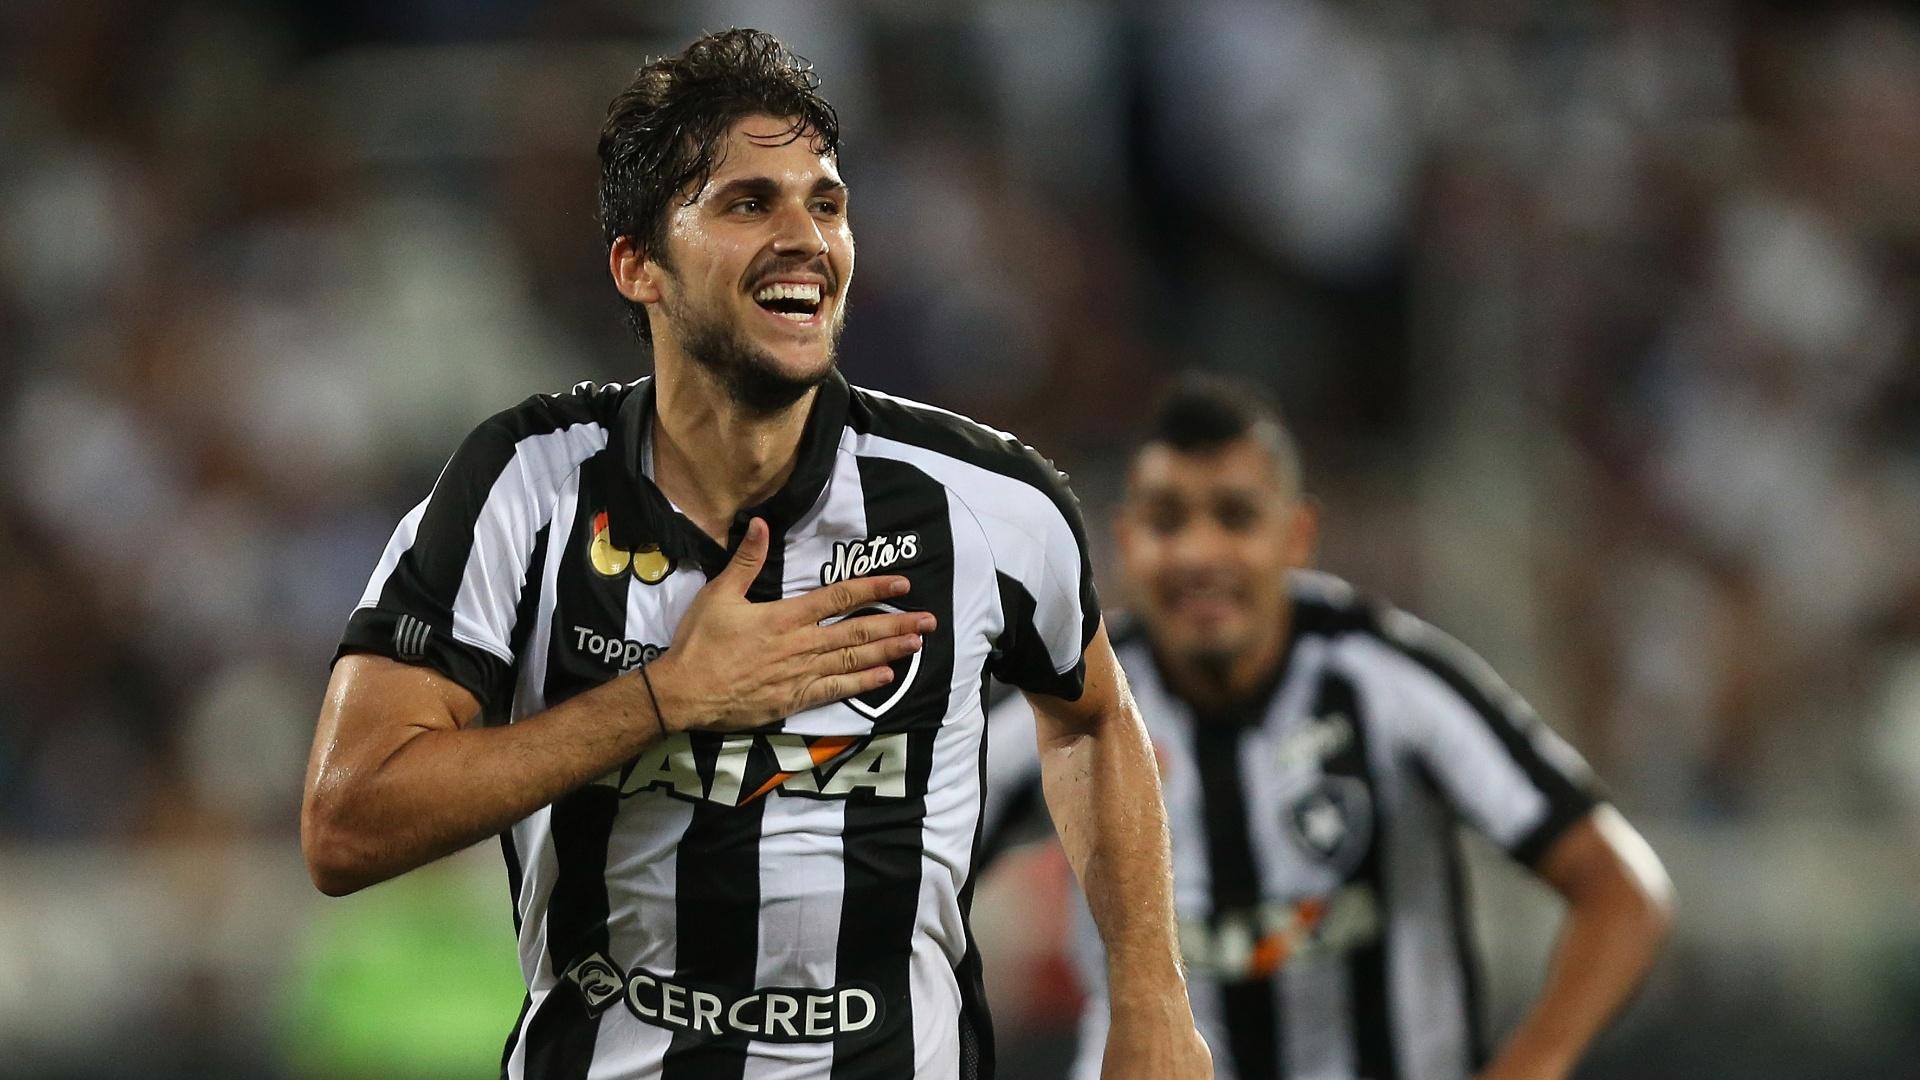 O zagueiro Igor Rabello anotou o gol da vitória do Botafogo por 3 a 2 sobre o Vasco